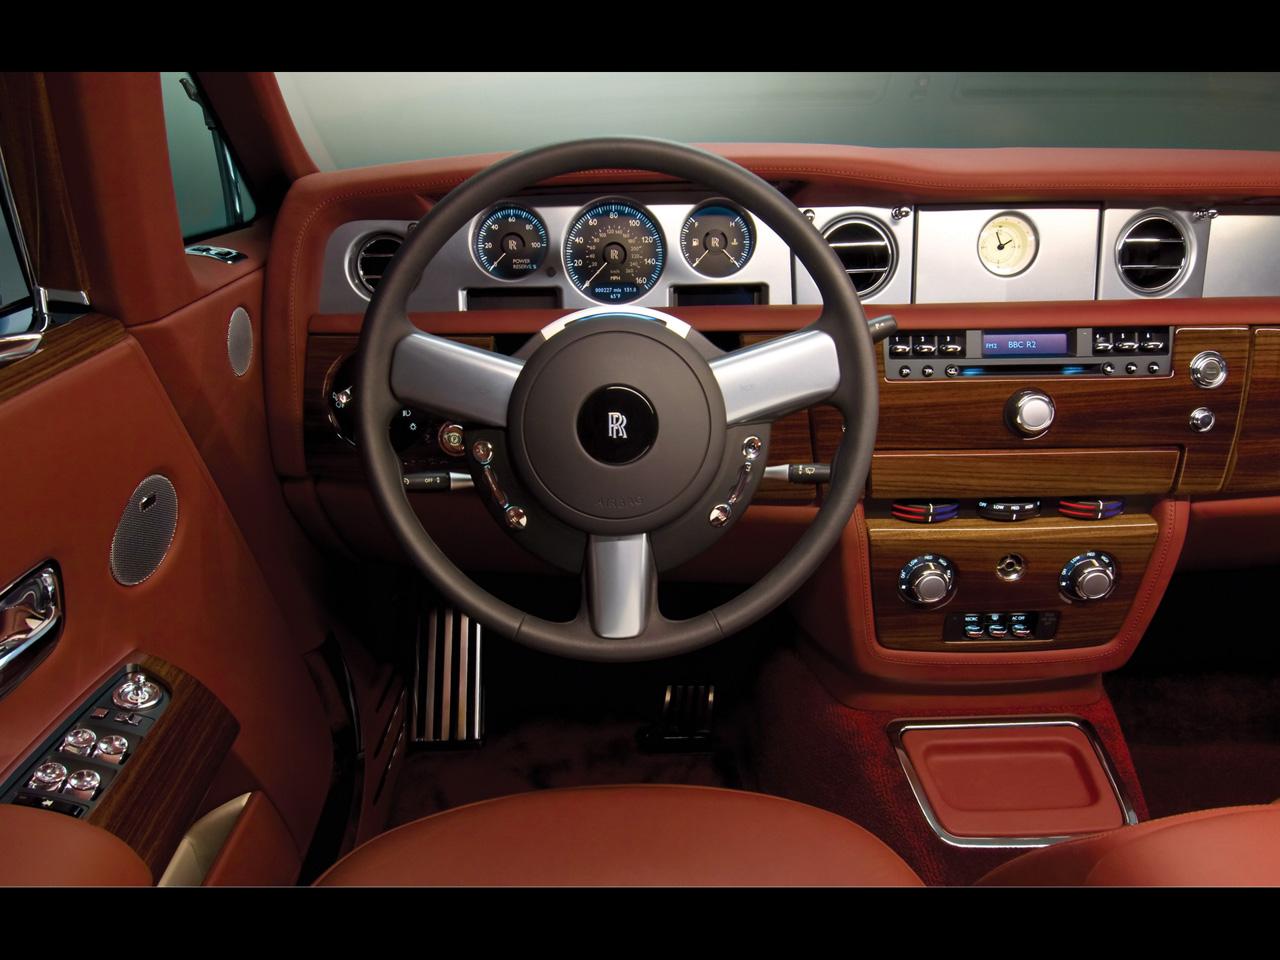 gyga manual super car 2012 rolls royce phantom rh gygamanual blogspot com rolls royce phantom owners manual pdf rolls royce phantom owners manual